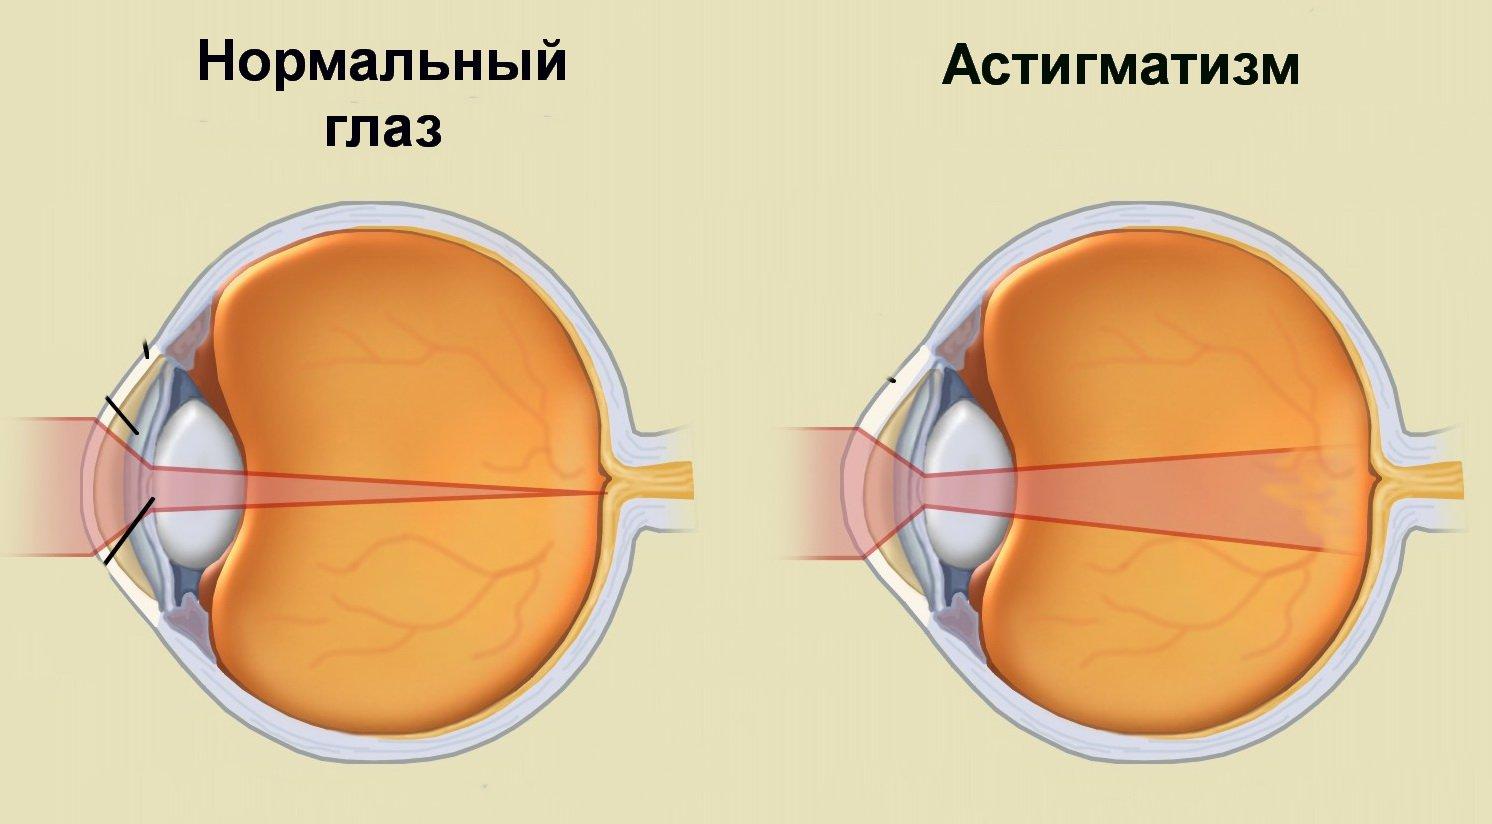 a látás fokozatosan javul látásélesség, az úgynevezett